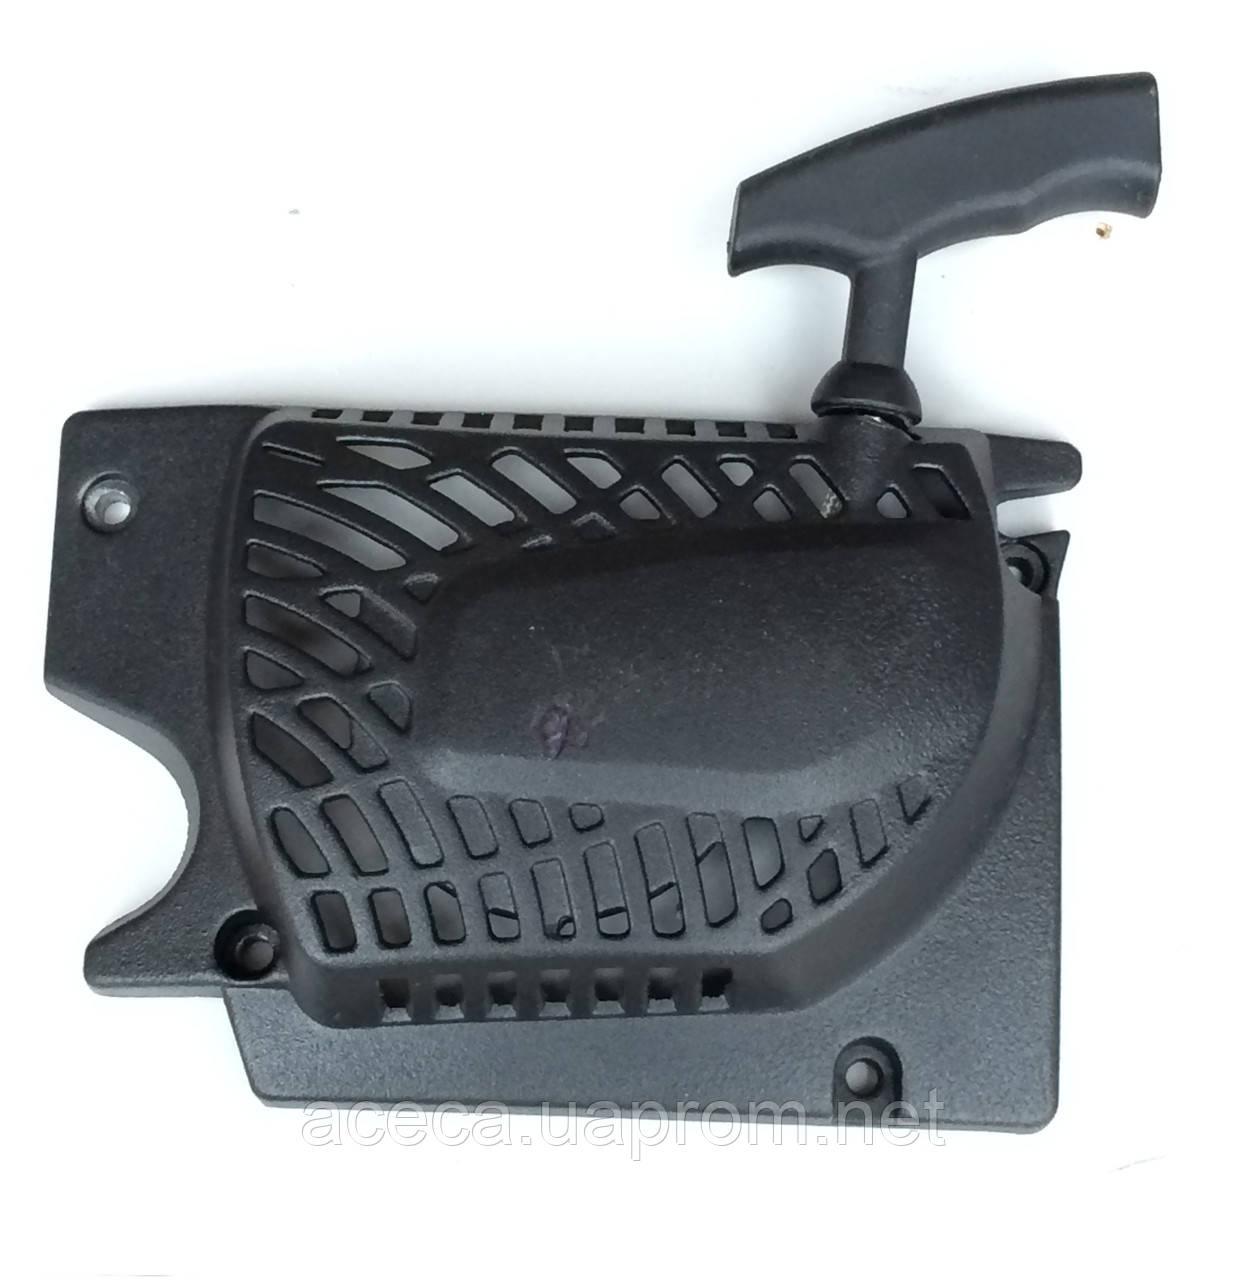 Стартер для бензопилы GL 4500/5200 (металл)